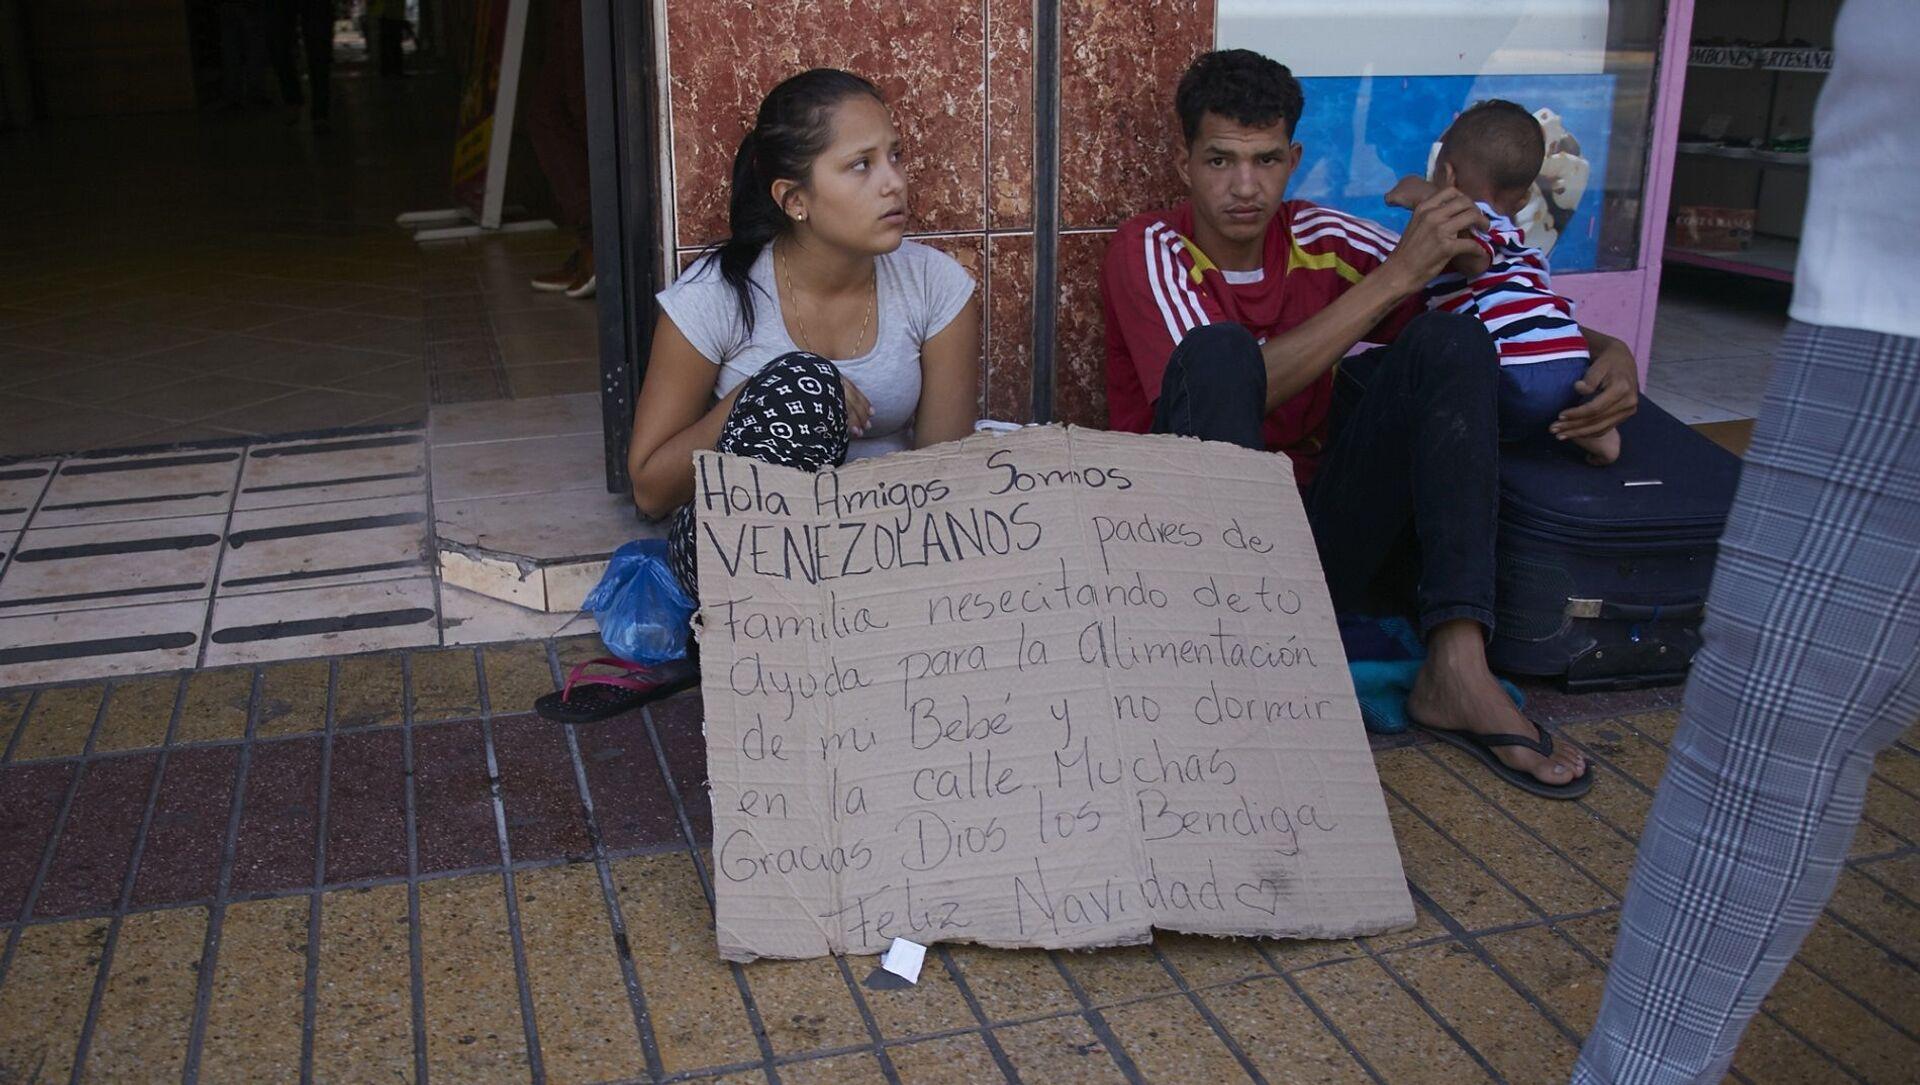 Migrantes venezolanos en Chile - Sputnik Mundo, 1920, 15.01.2020